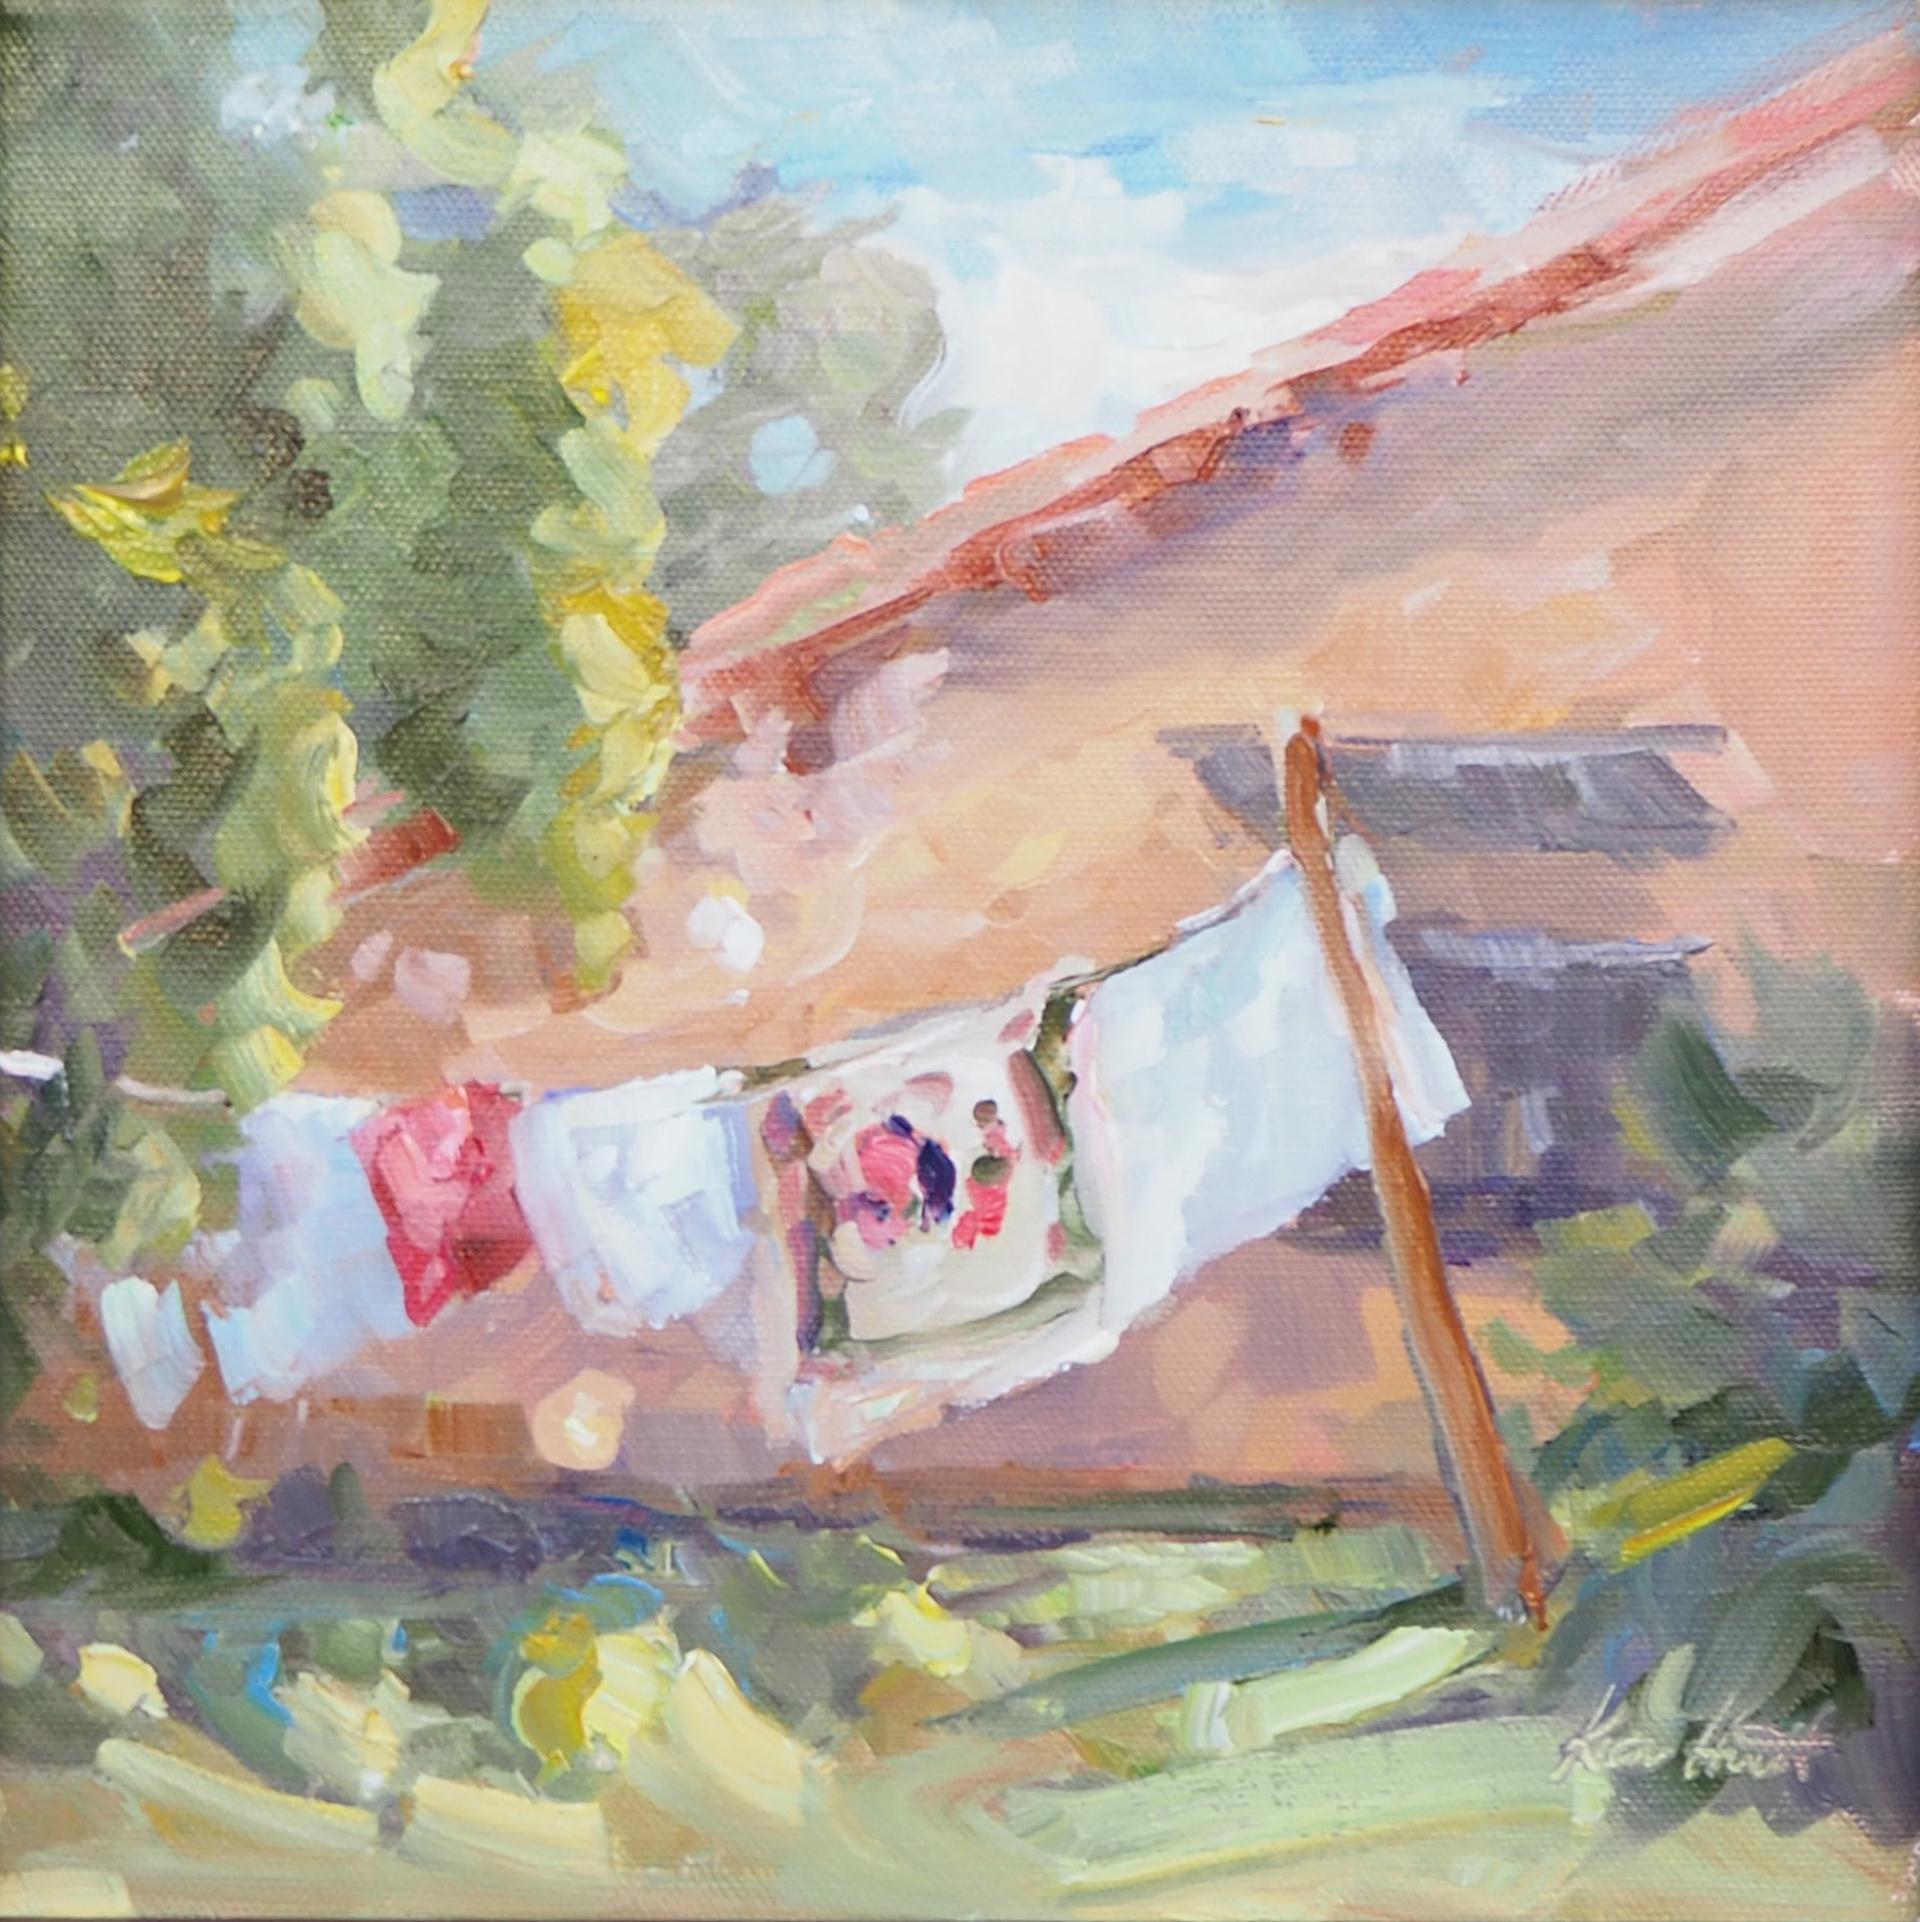 Laundry Day, Tuscany by Karen Hewitt Hagan